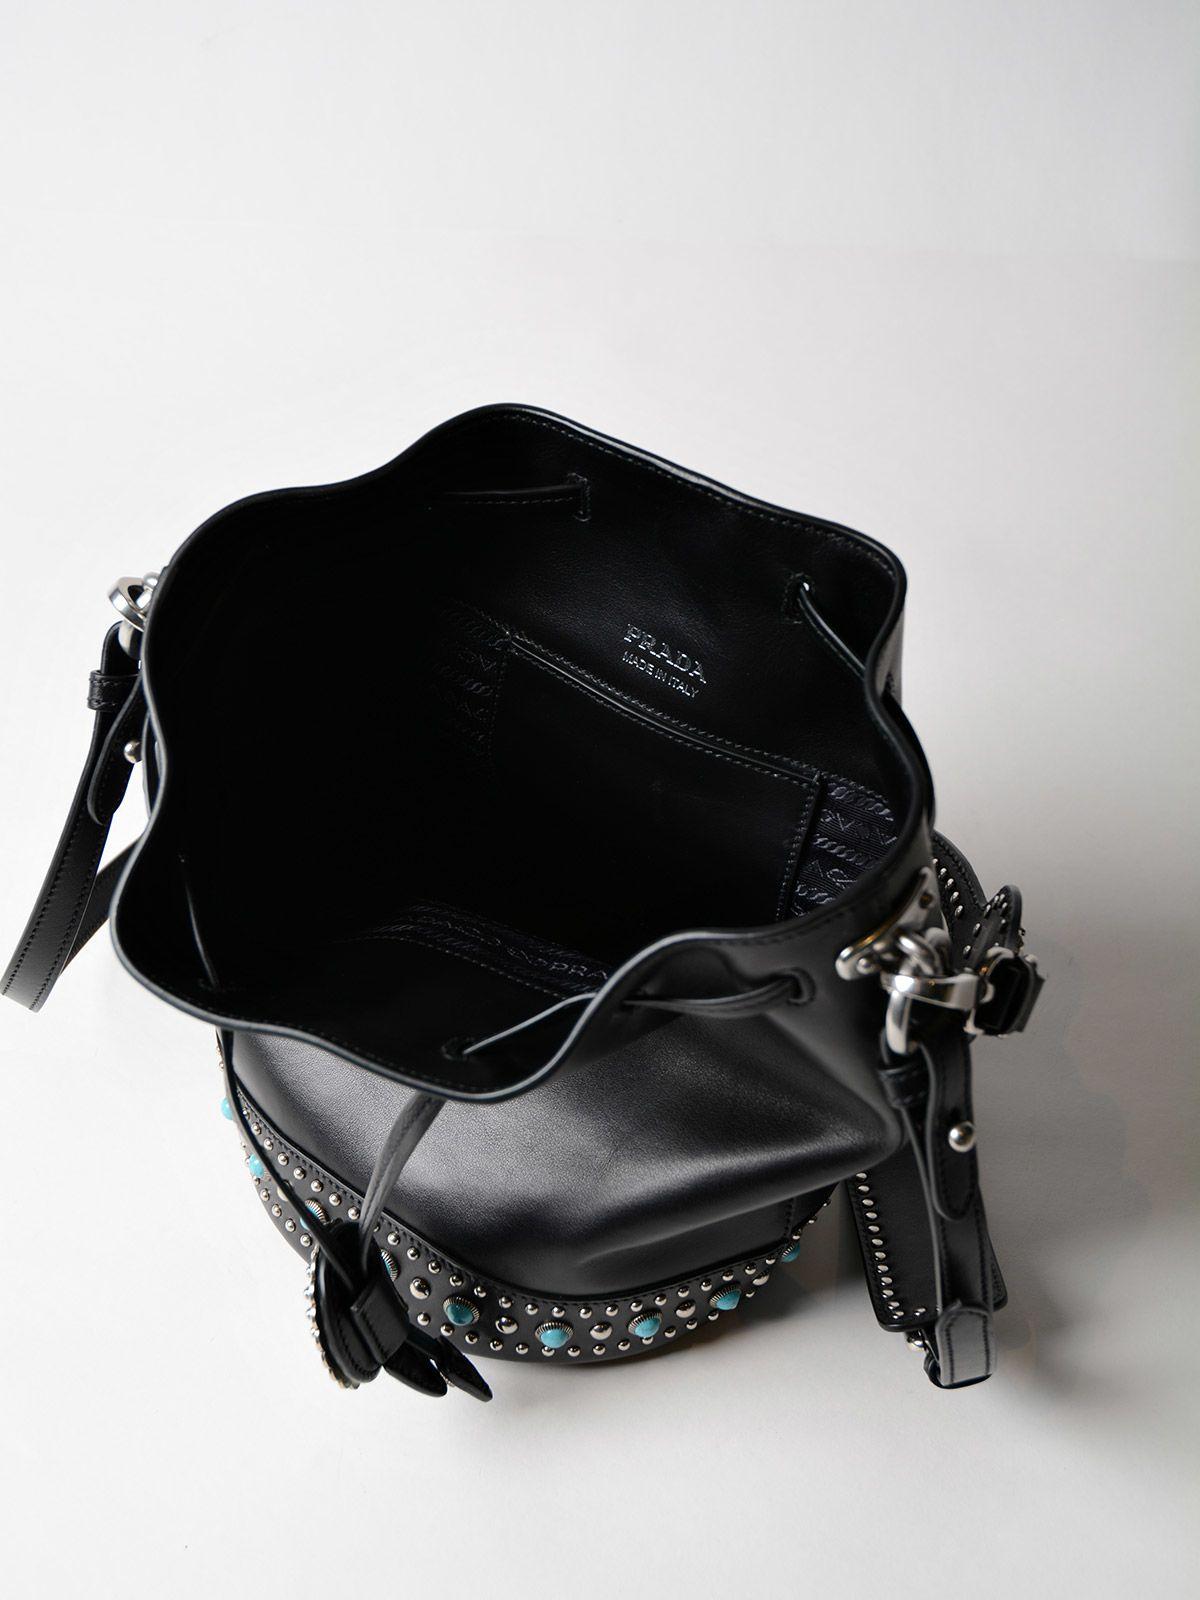 61edca734be3 coupon for prada saffiano leather shoulder bag tote 1ba113 prada city calf  bucket 419e2 0e27a